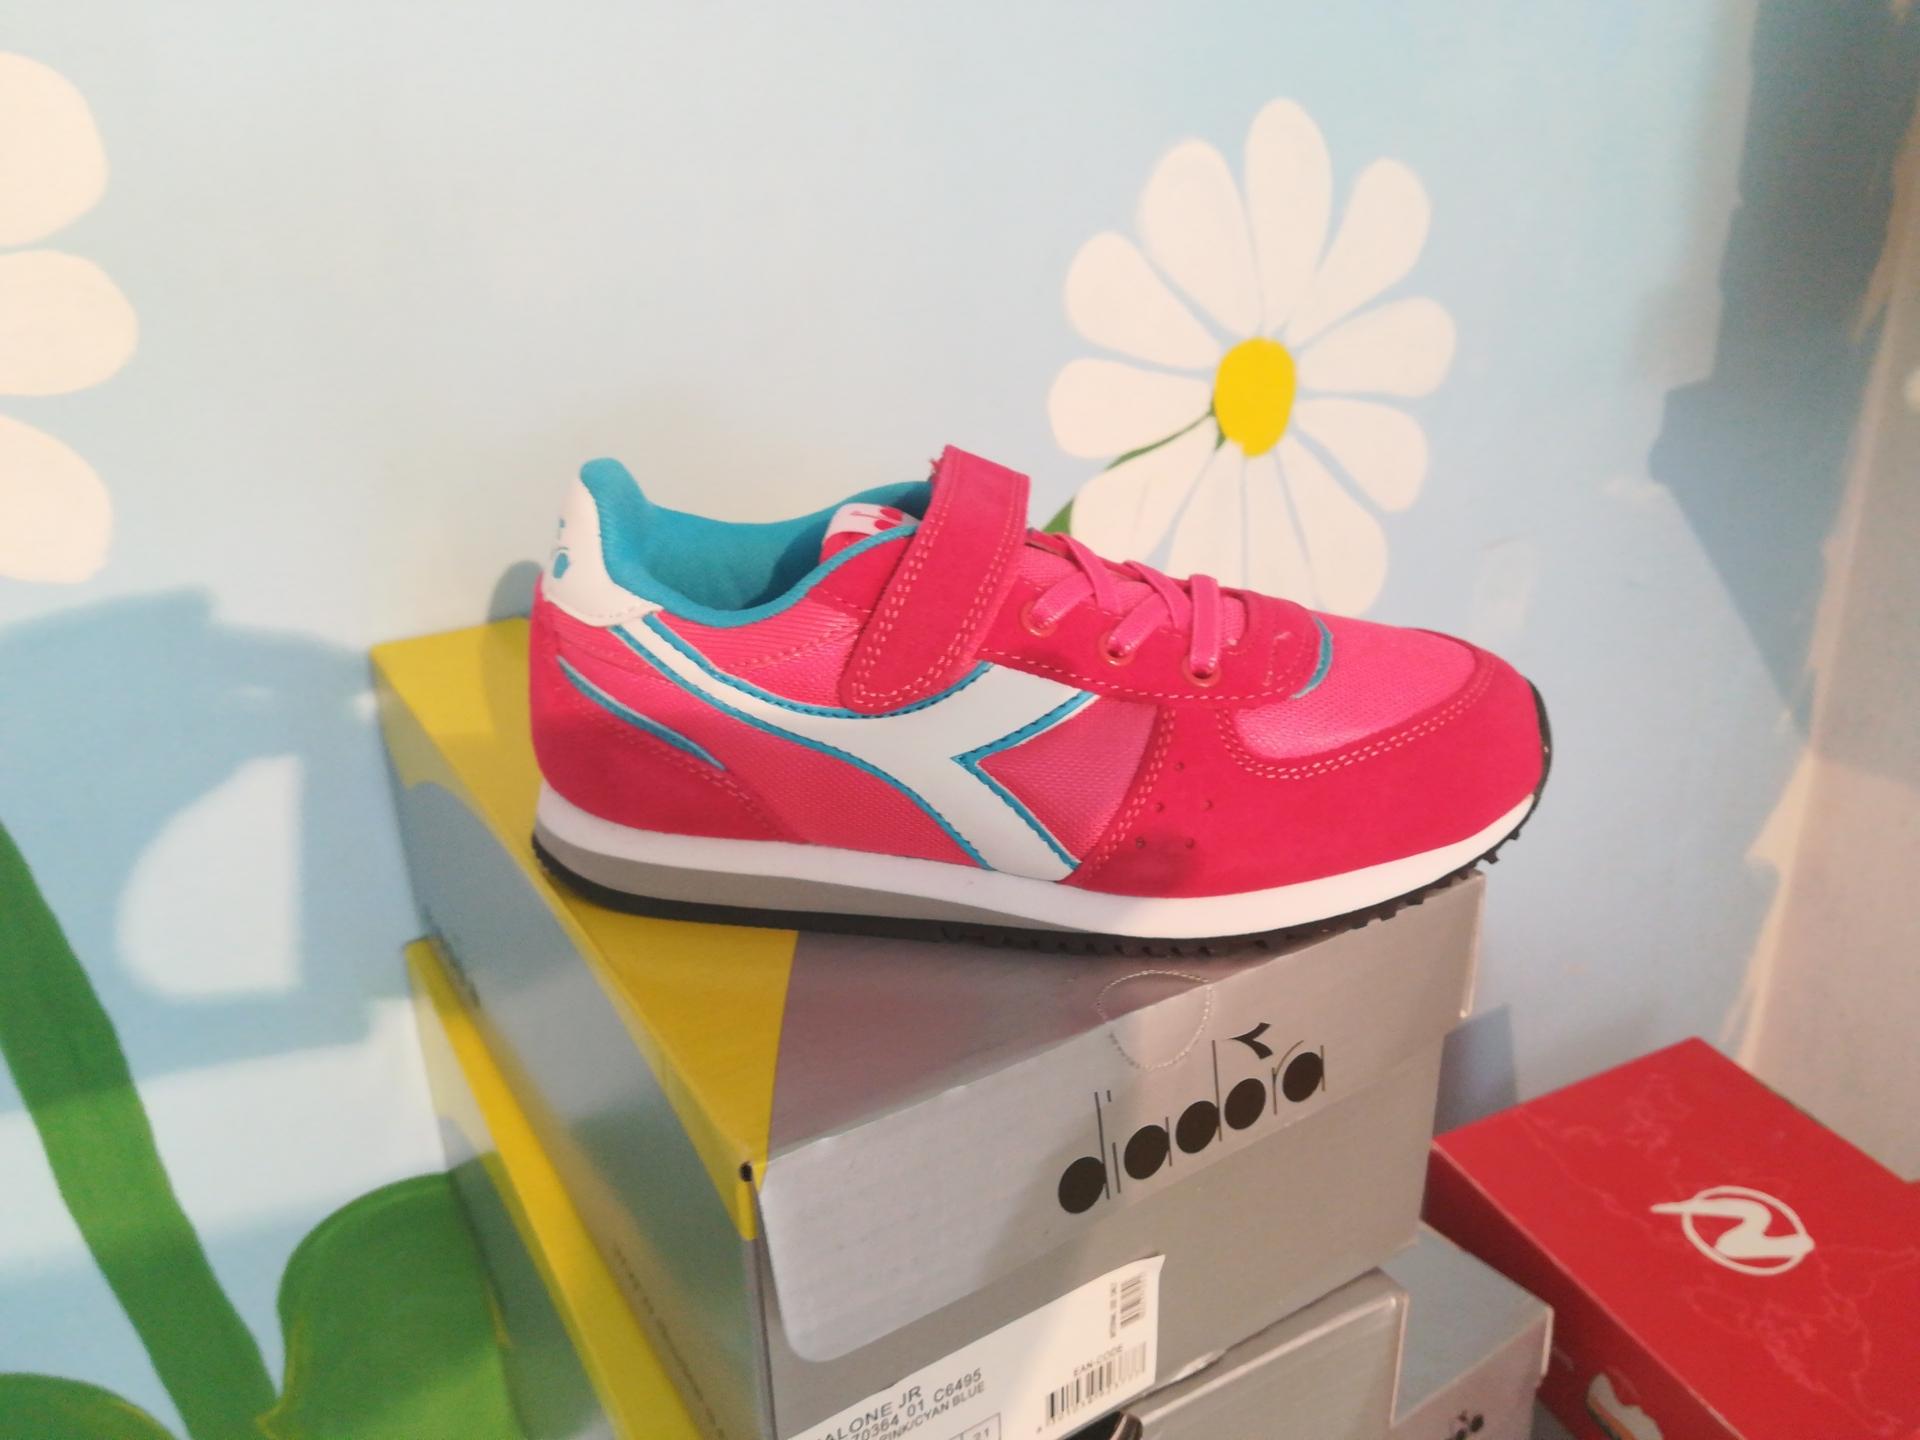 c249051e0c1 Лот 534. Детская фирменная обувь. — ООО